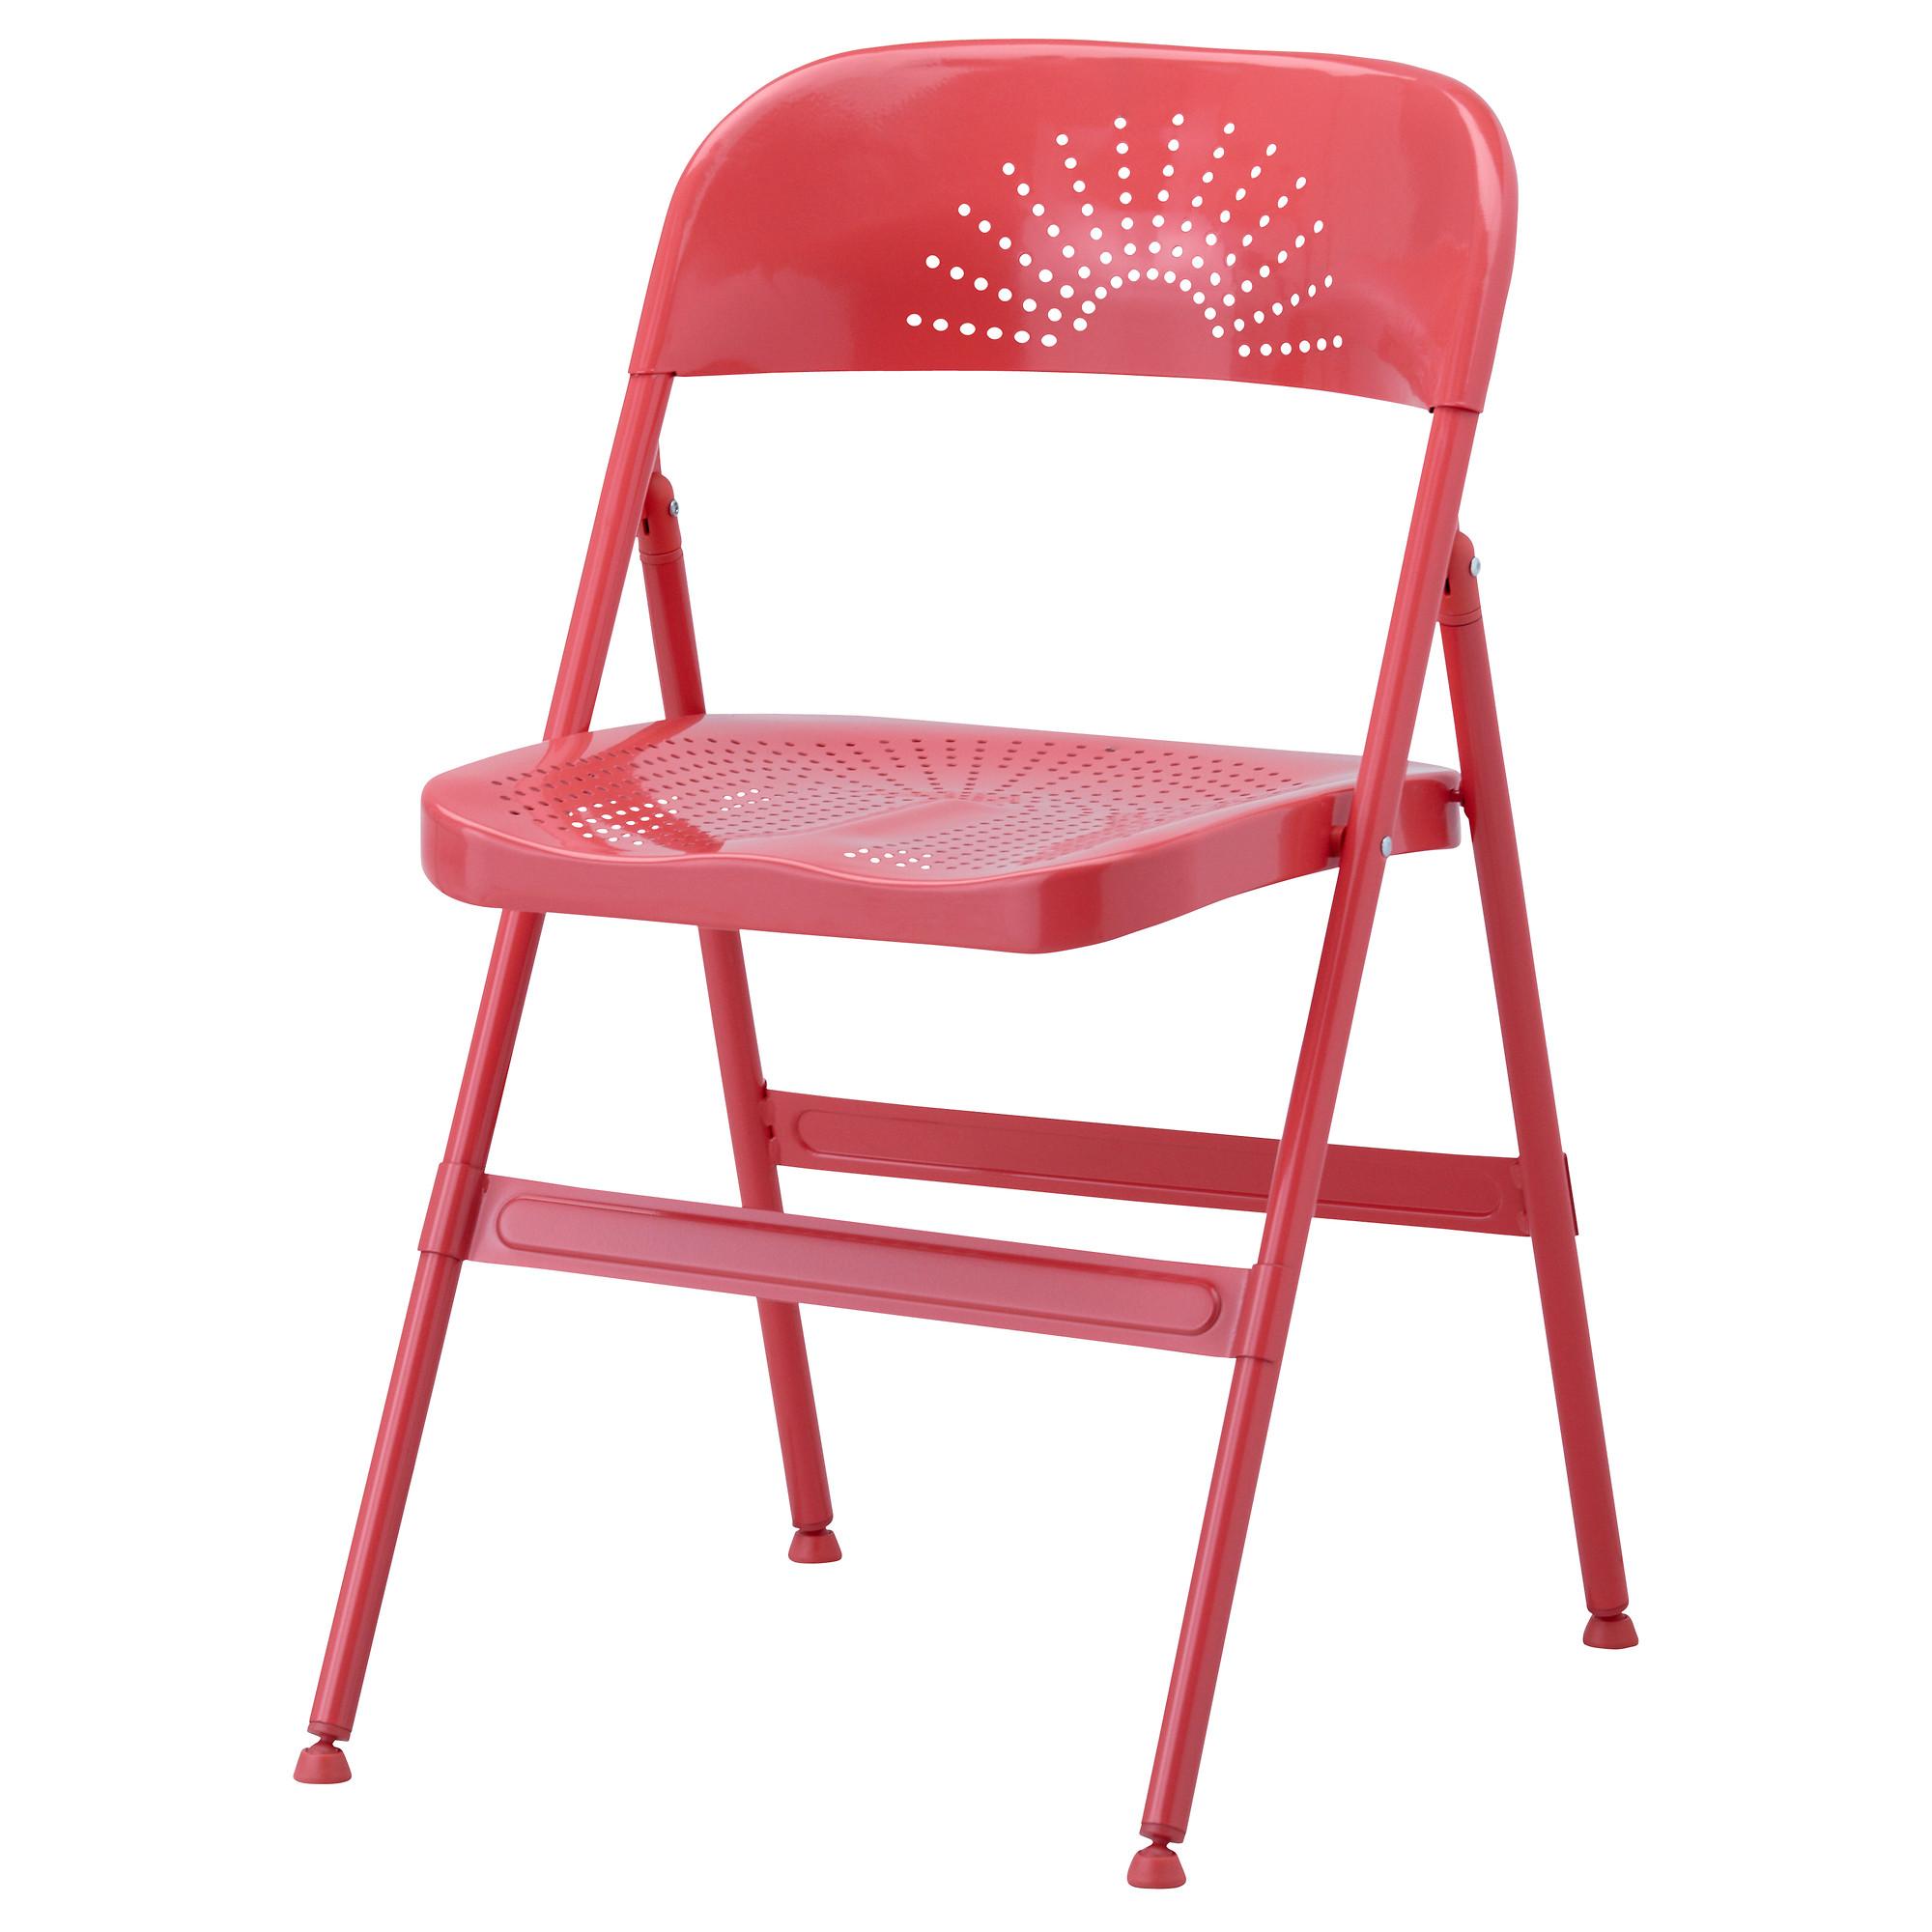 Ikea Sedie Pieghevoli Nisse.Sedie Pieghevoli Di Ikea Strutture Di Legno Pieghevoli Modelli Di